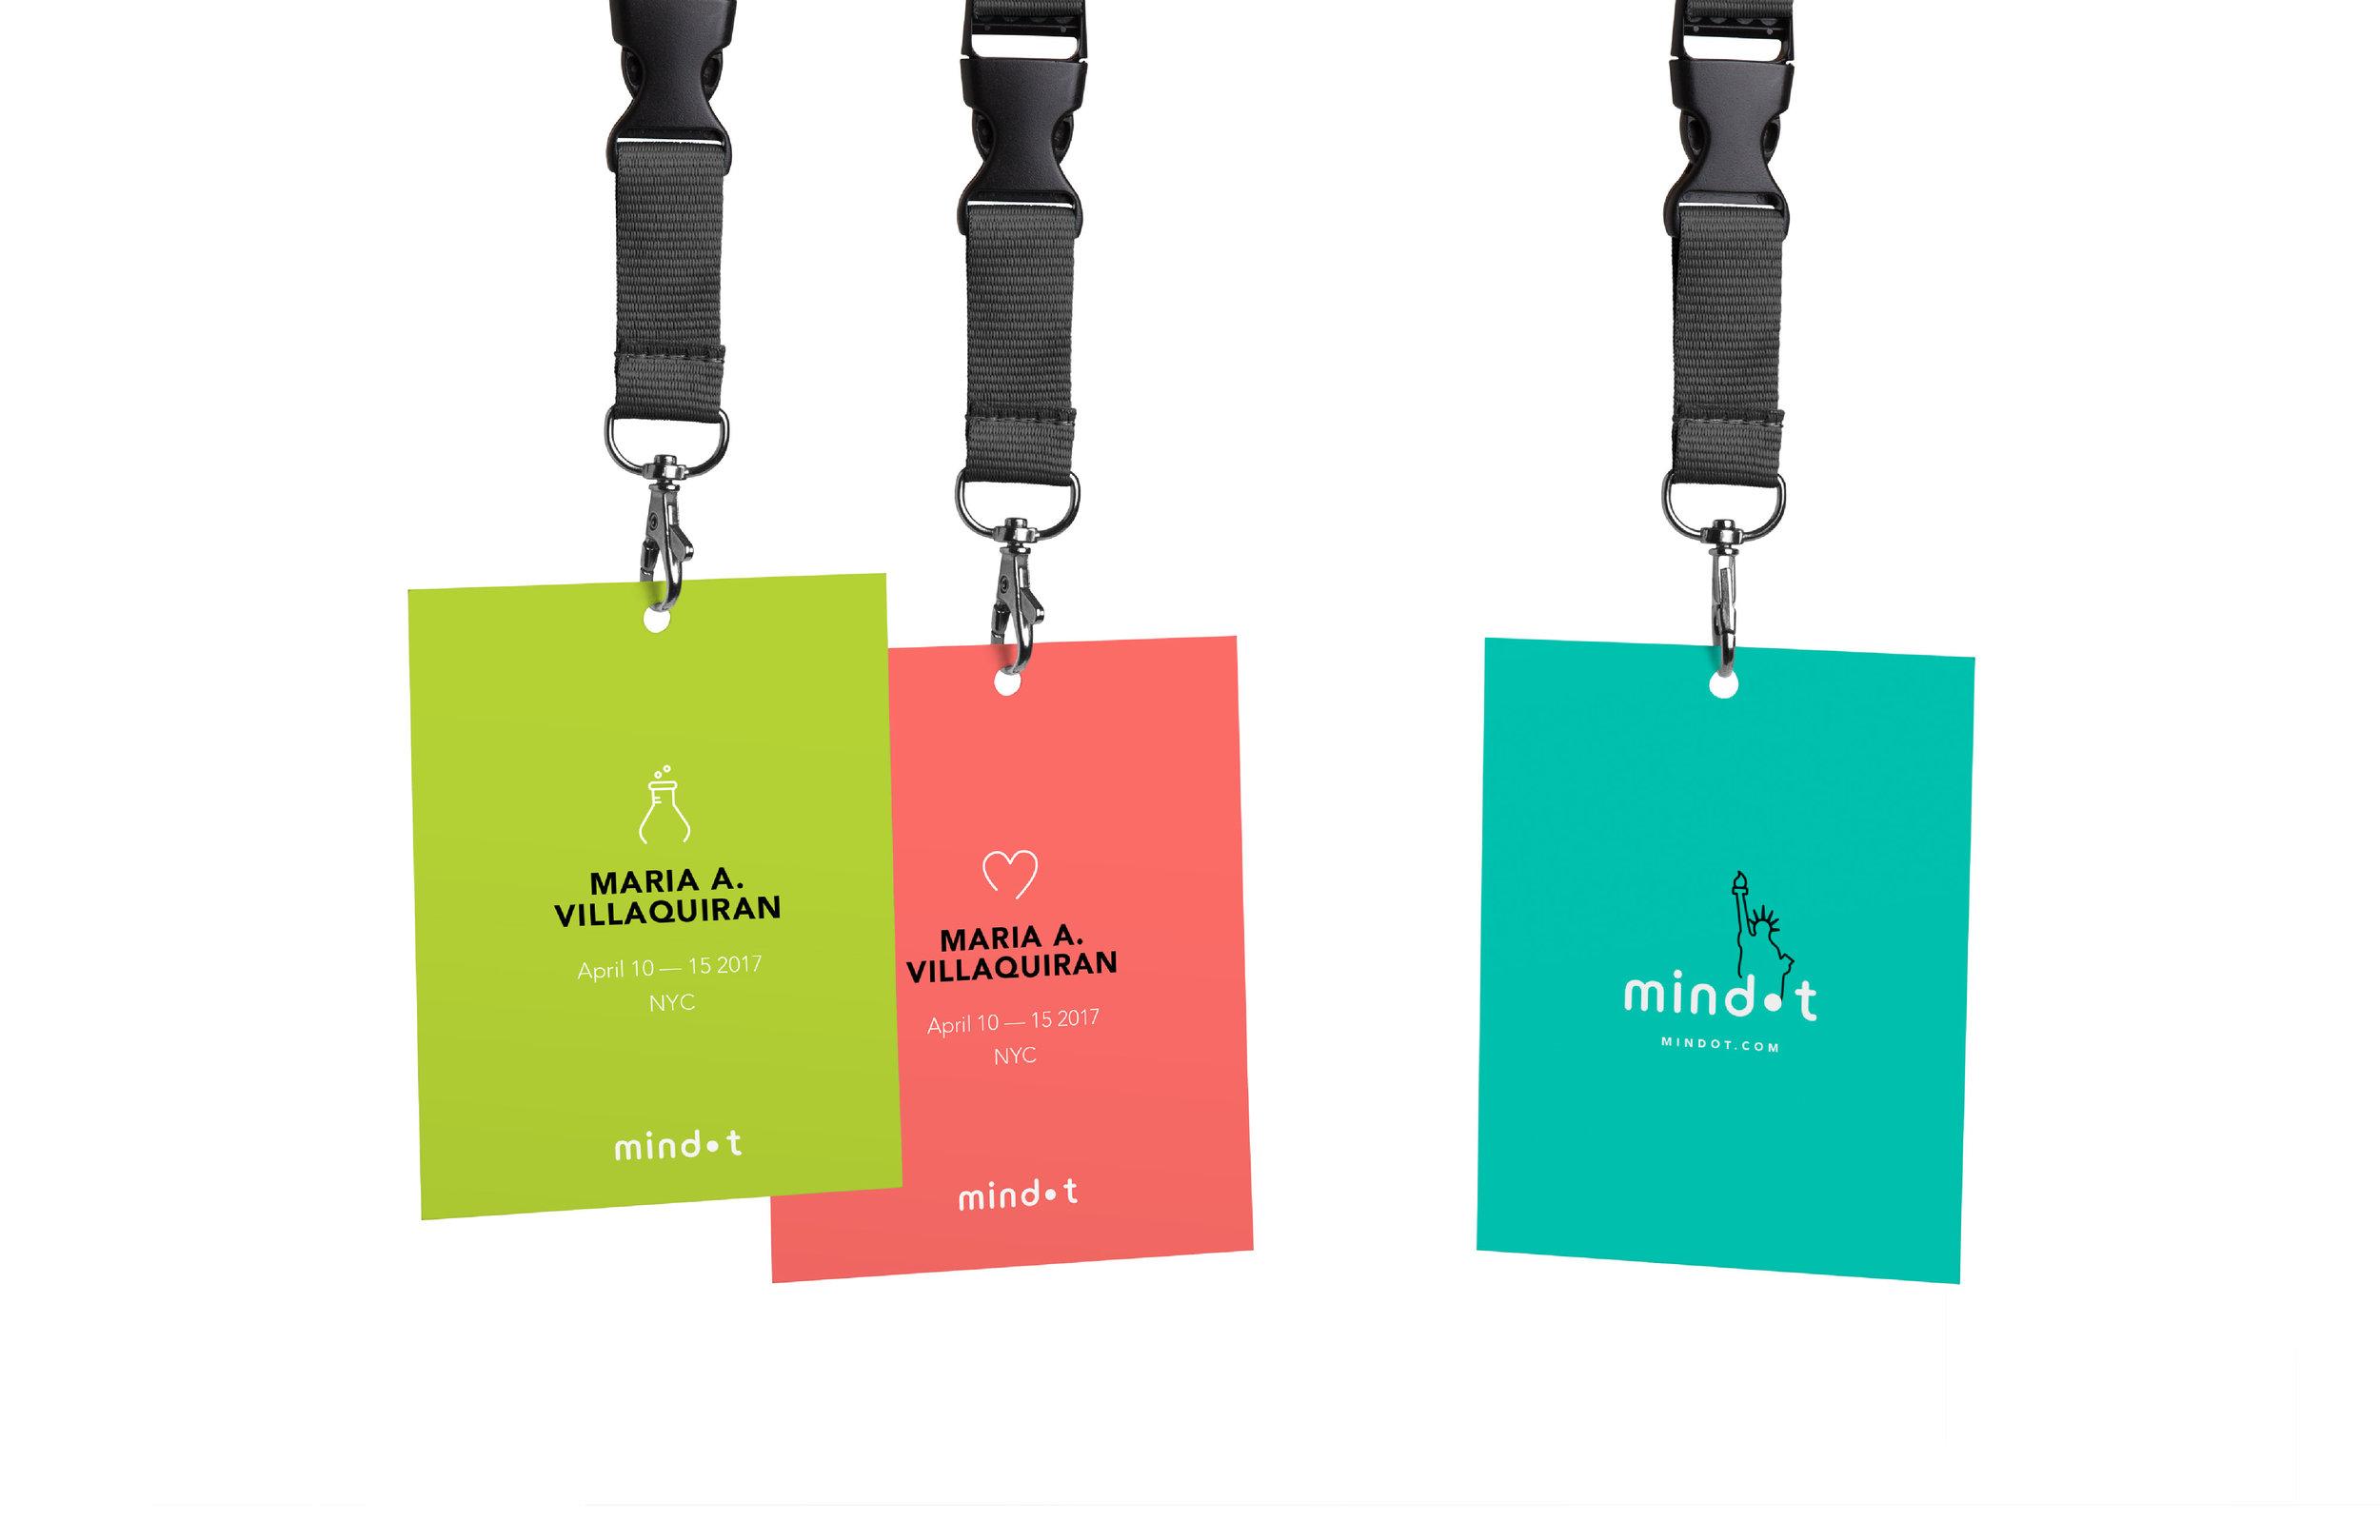 mindot_branding_12312016-26.jpg